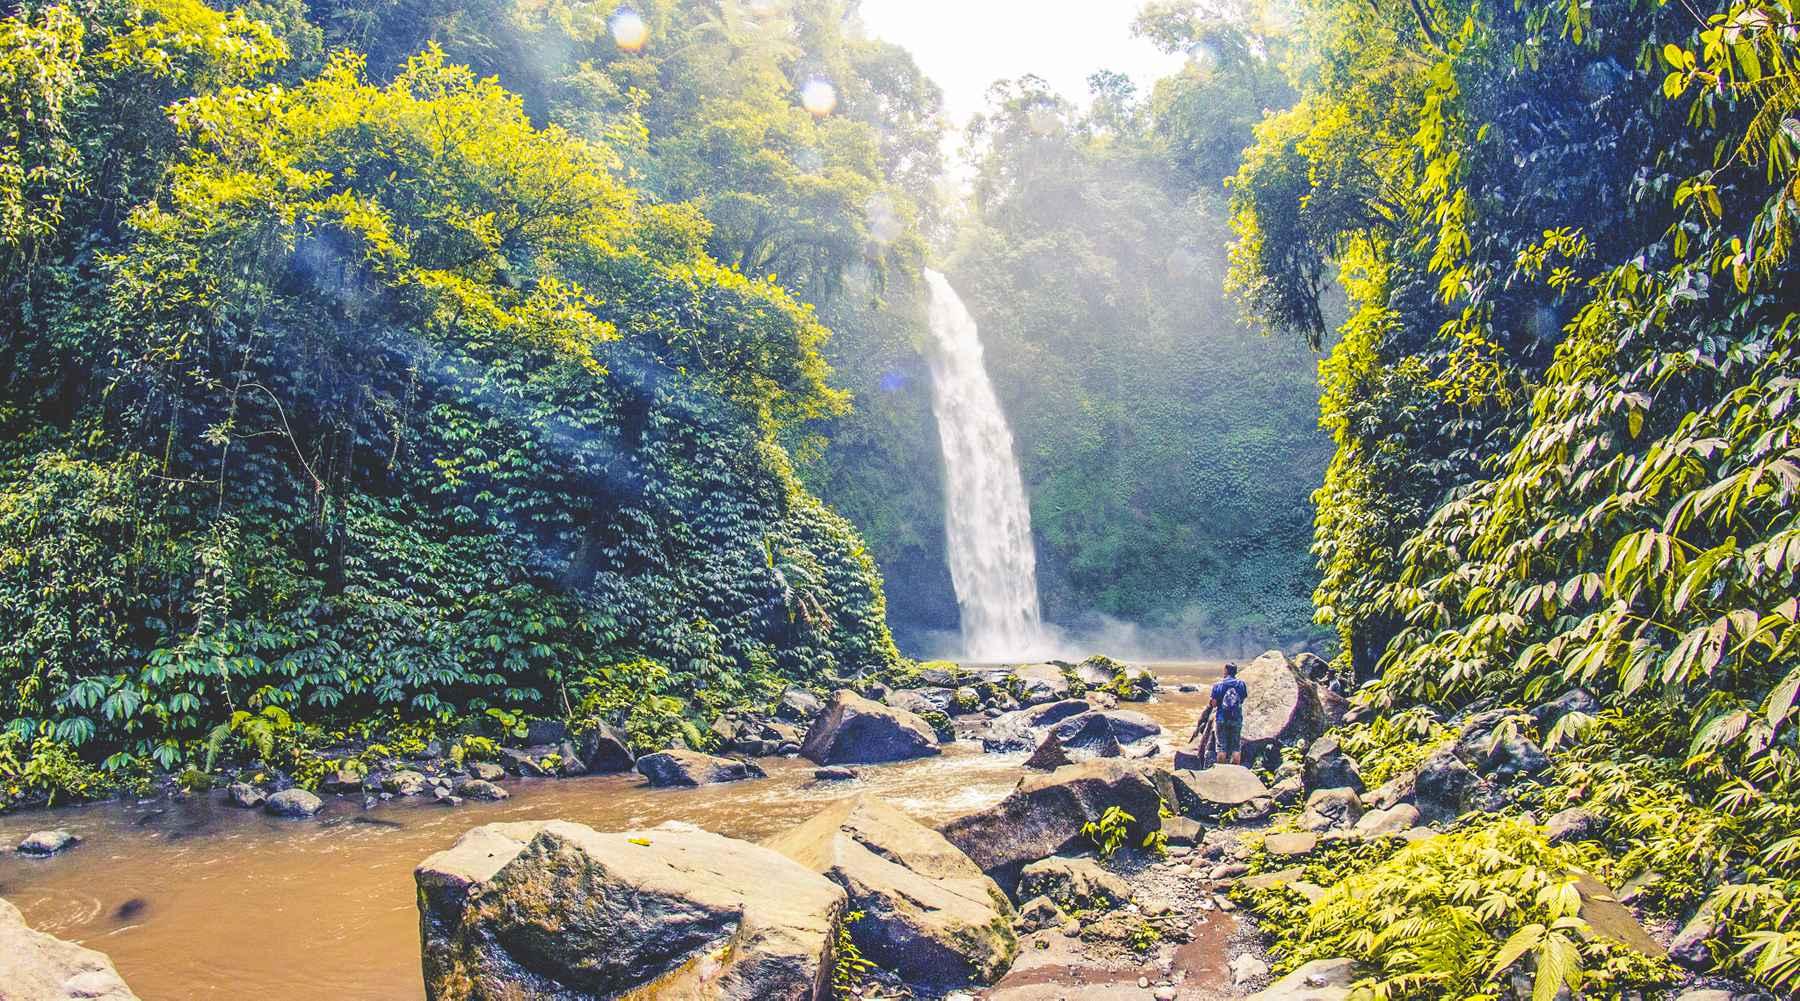 Thác Aling-Aling: điểm du lịch độc đáo và thú vị ở Bali